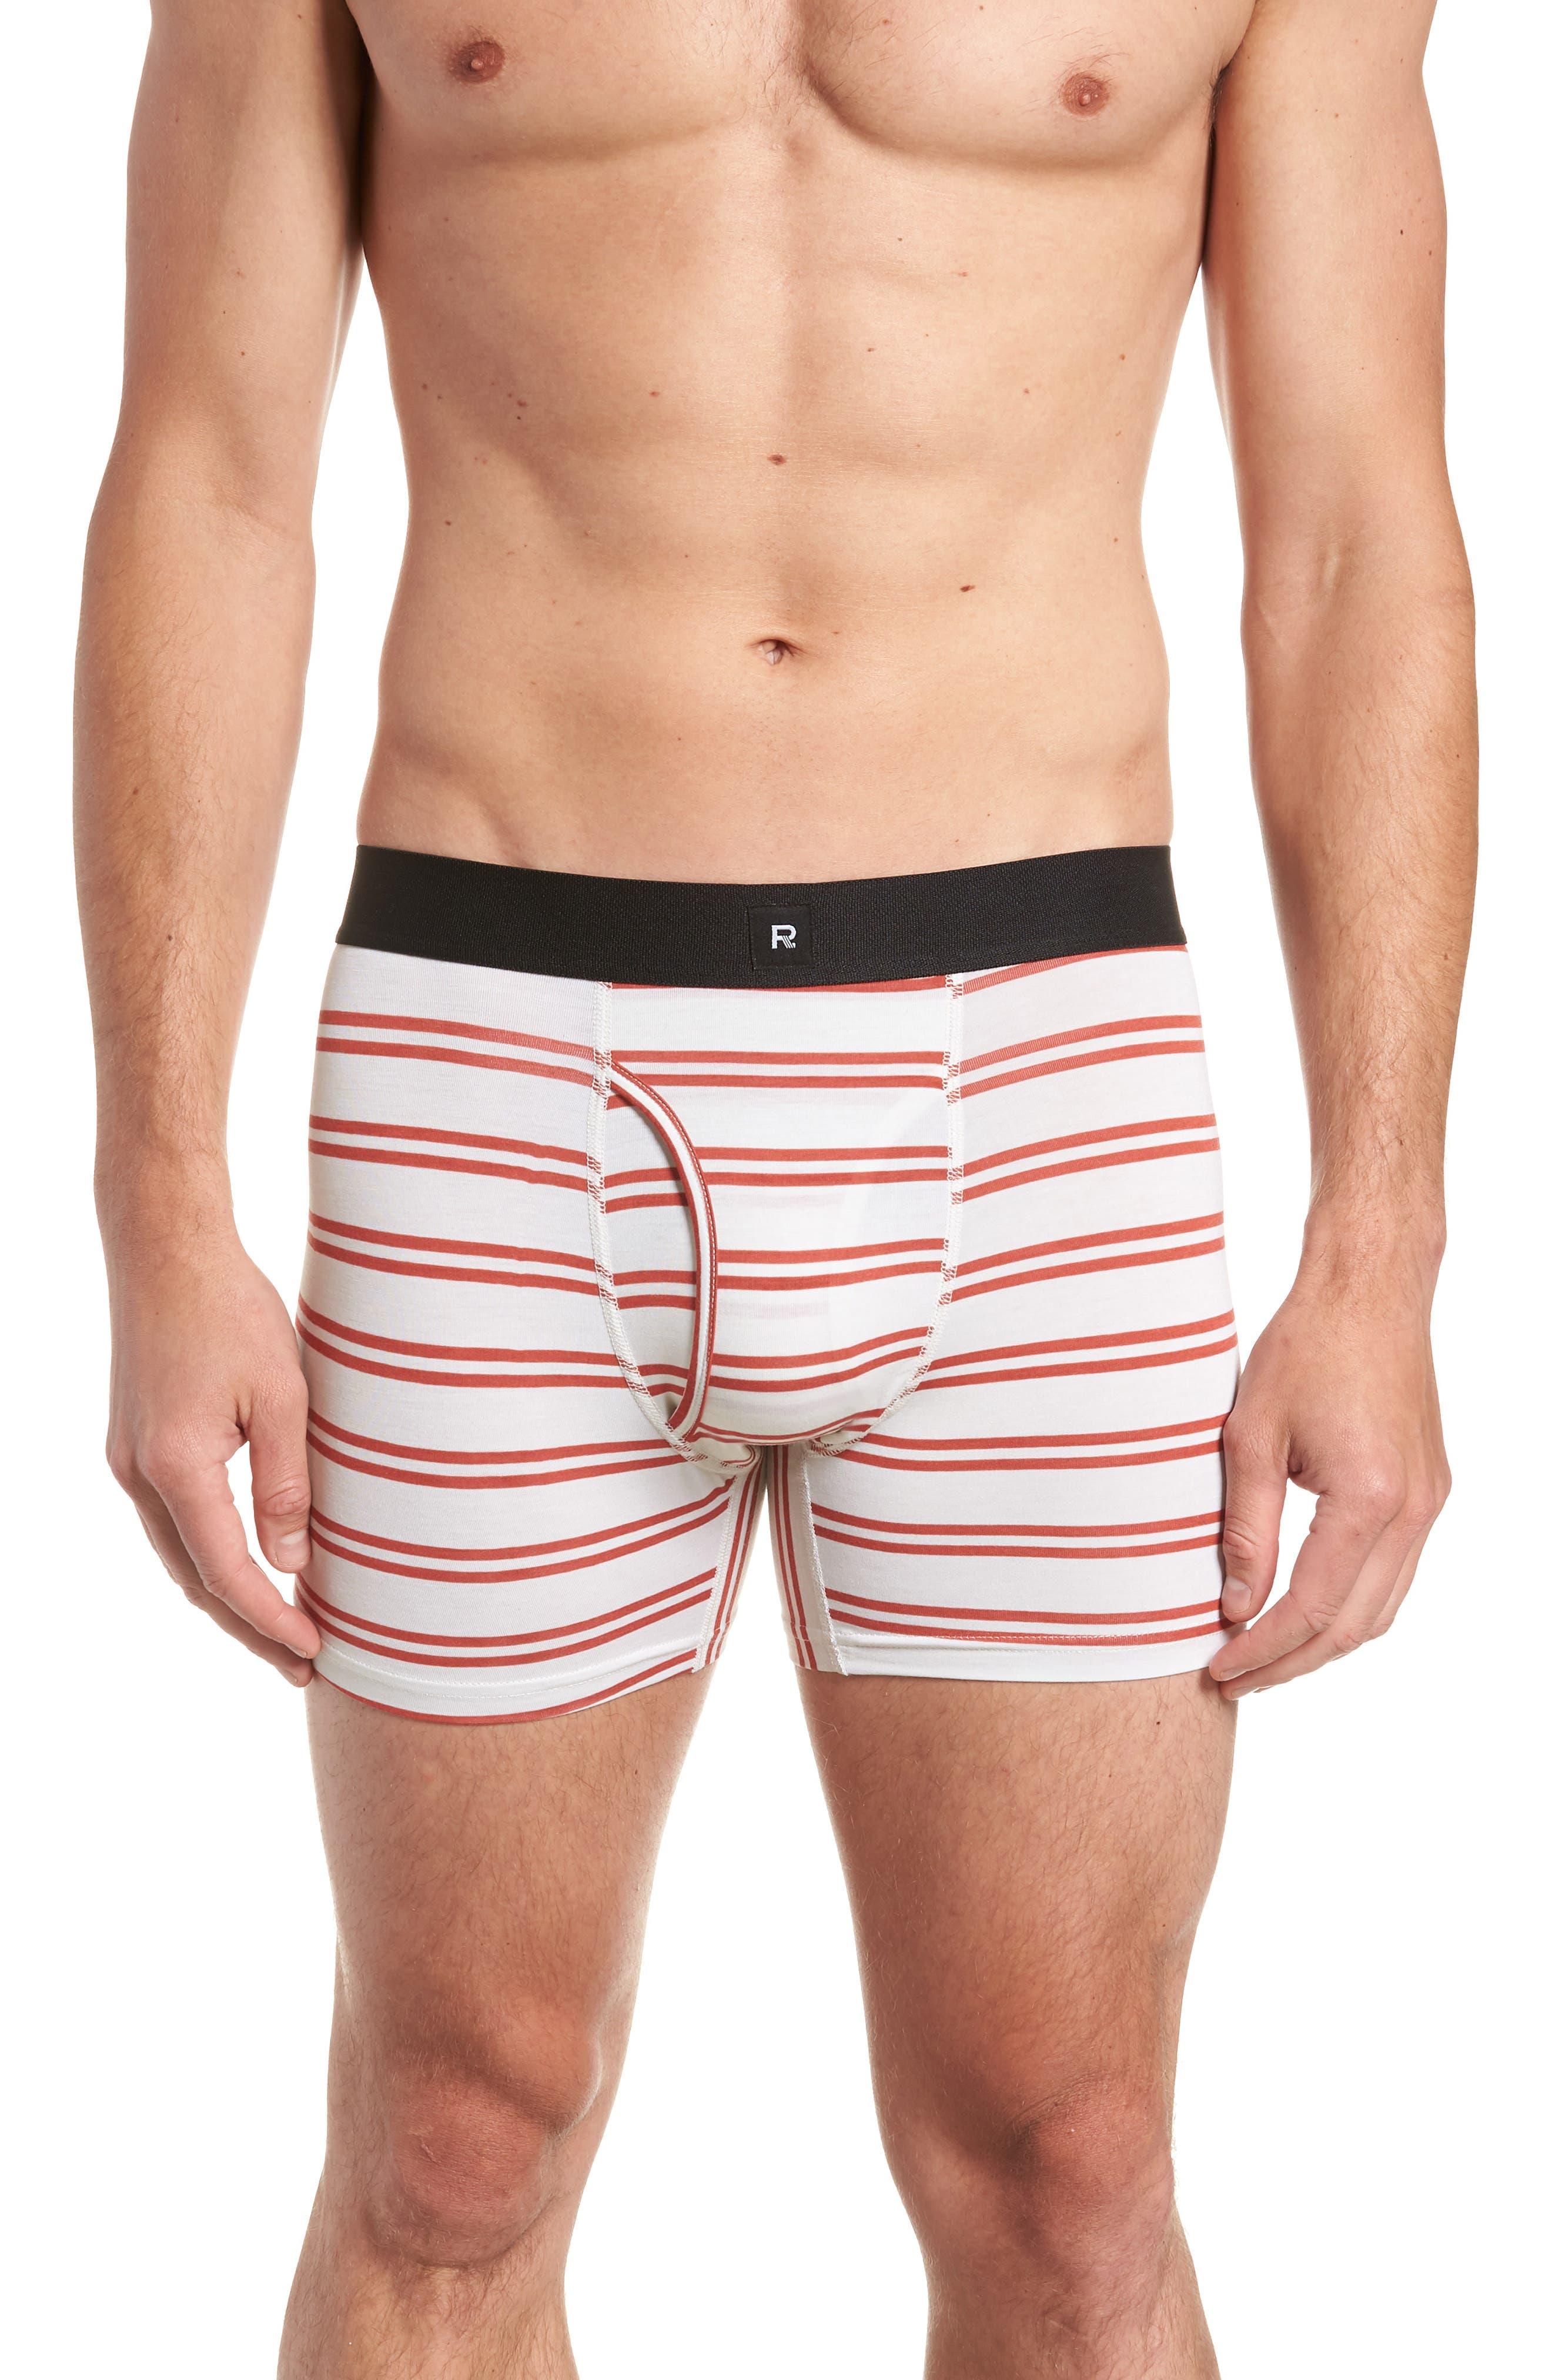 RICHER POORER Clark Modal Boxer Briefs in White/ Red